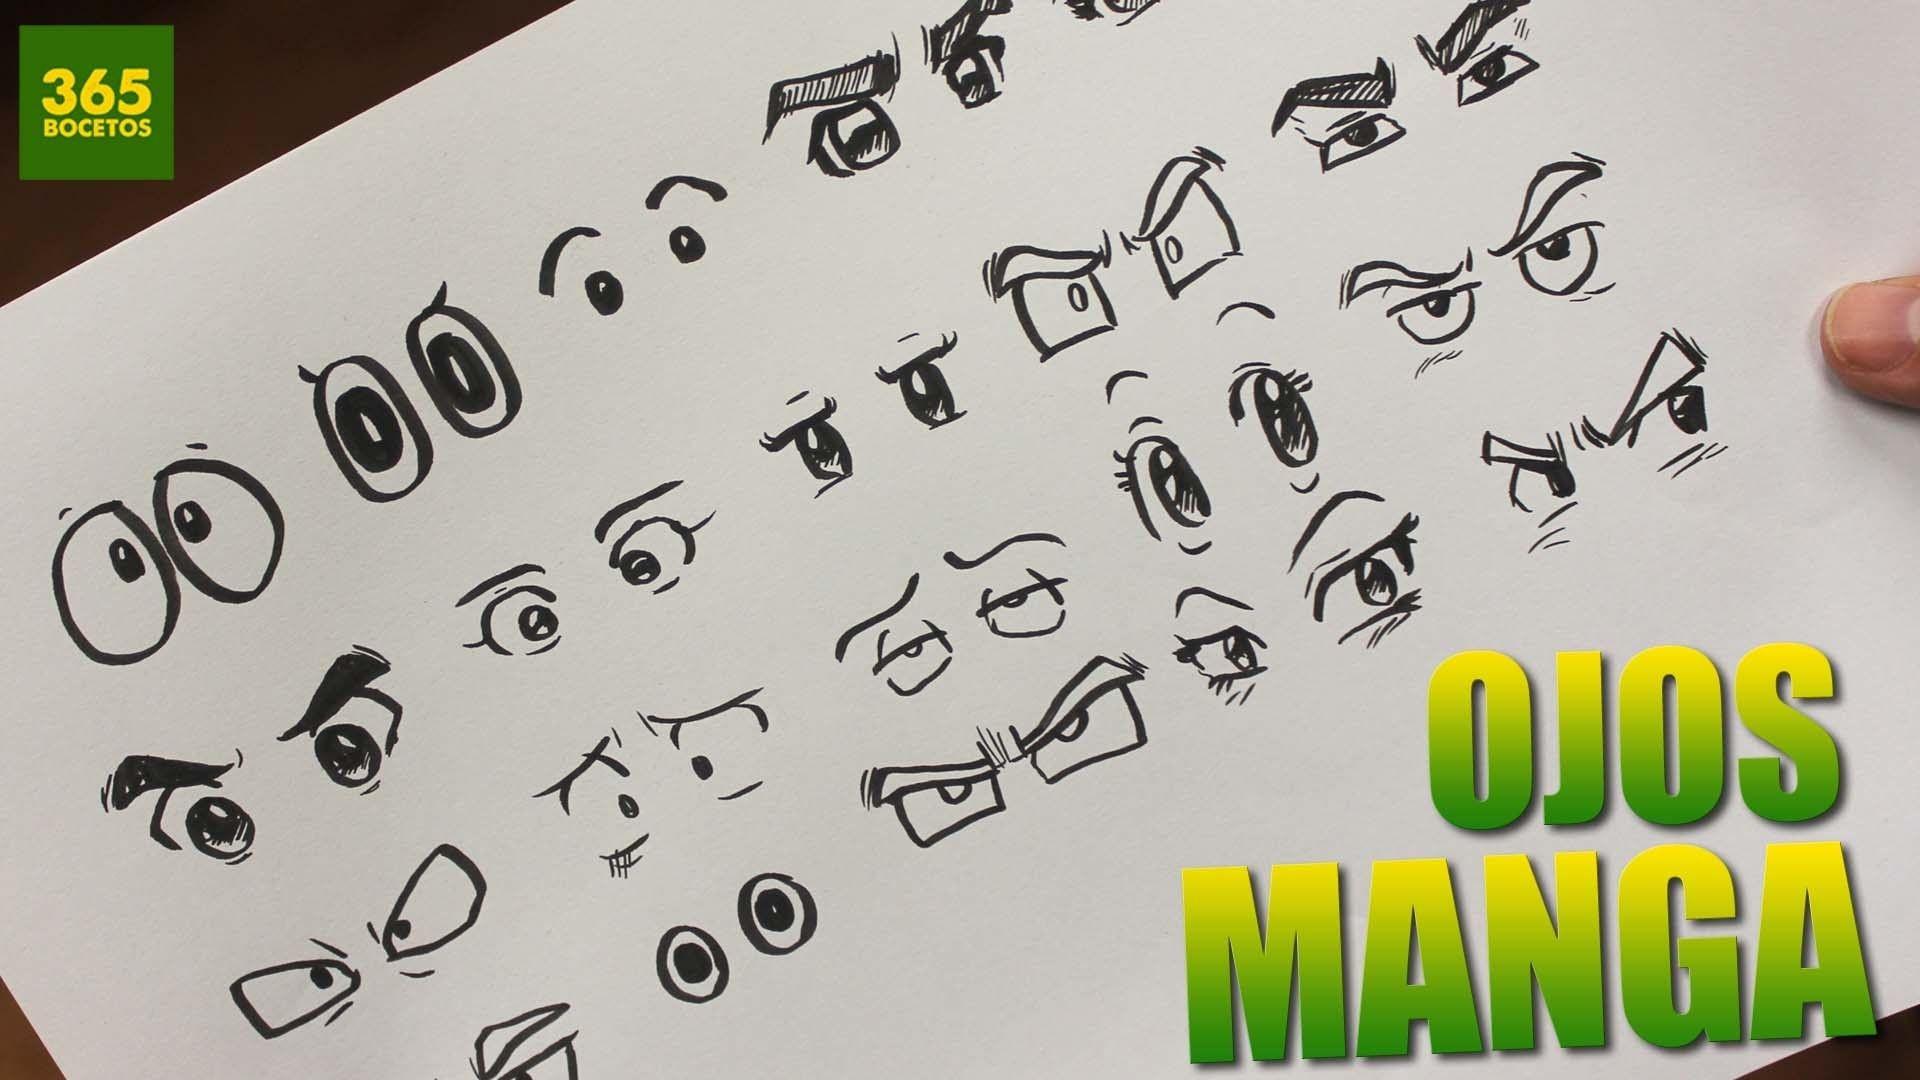 Imagen Relacionada Ojos Manga Como Dibujar Ojos Anime Como Dibujar Ojos